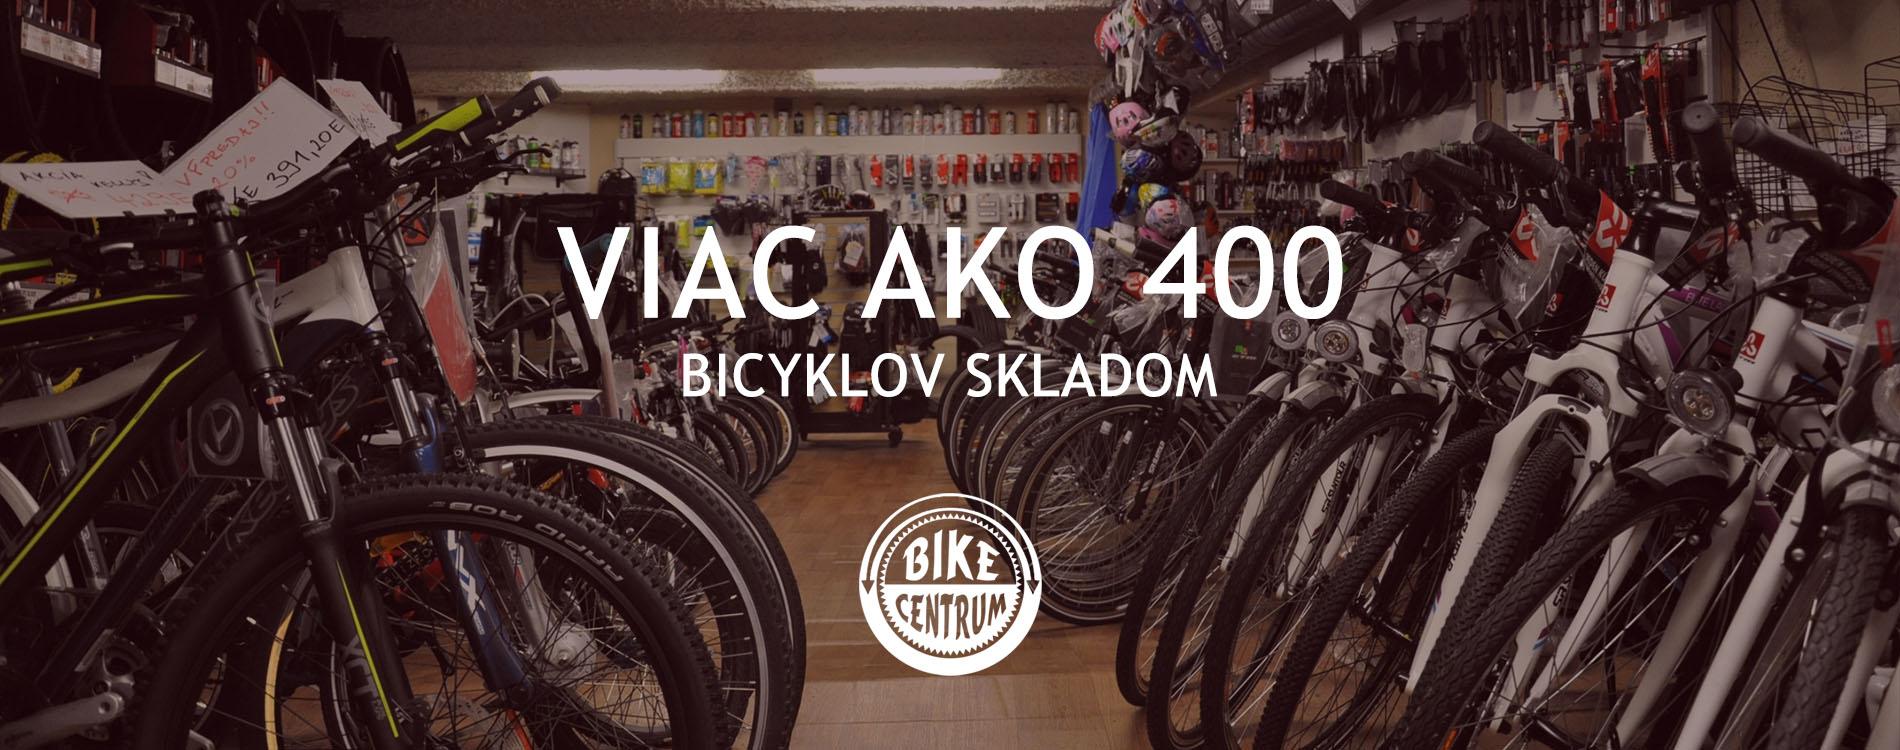 740f9b30fd Bike Centrum Levice - Predaj bicyklov a príslušenstva